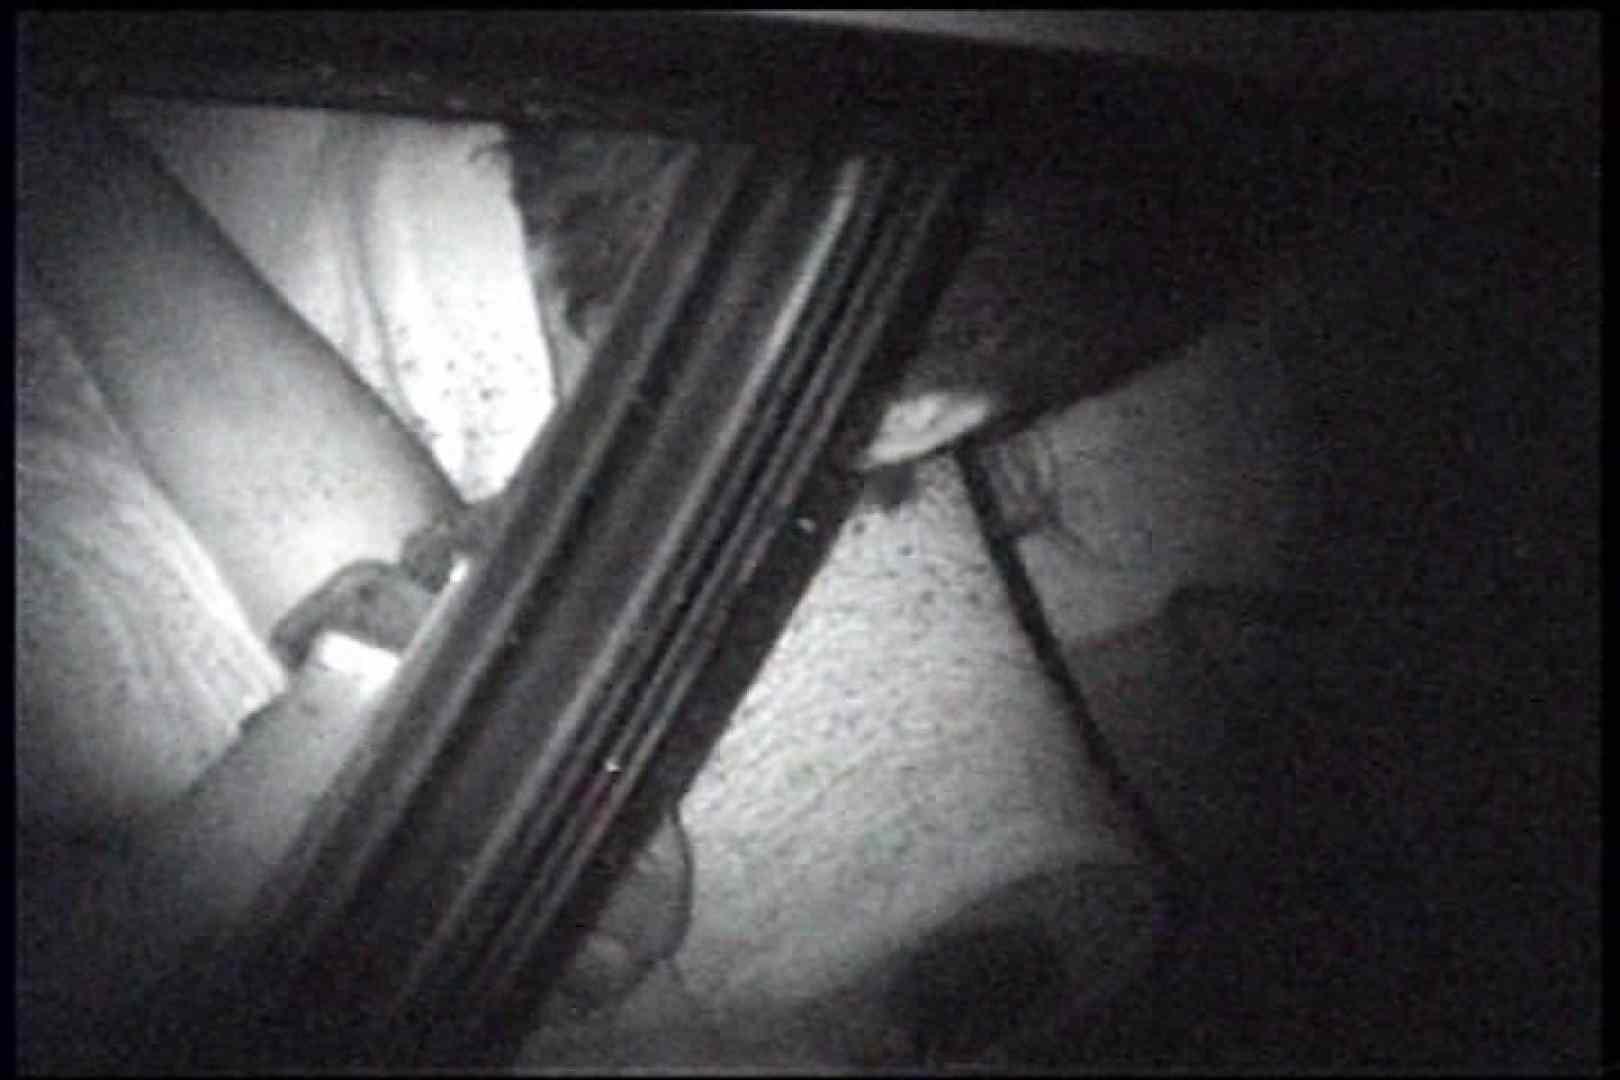 充血監督の深夜の運動会Vol.235 OLエロ画像 | 0  97PICs 93